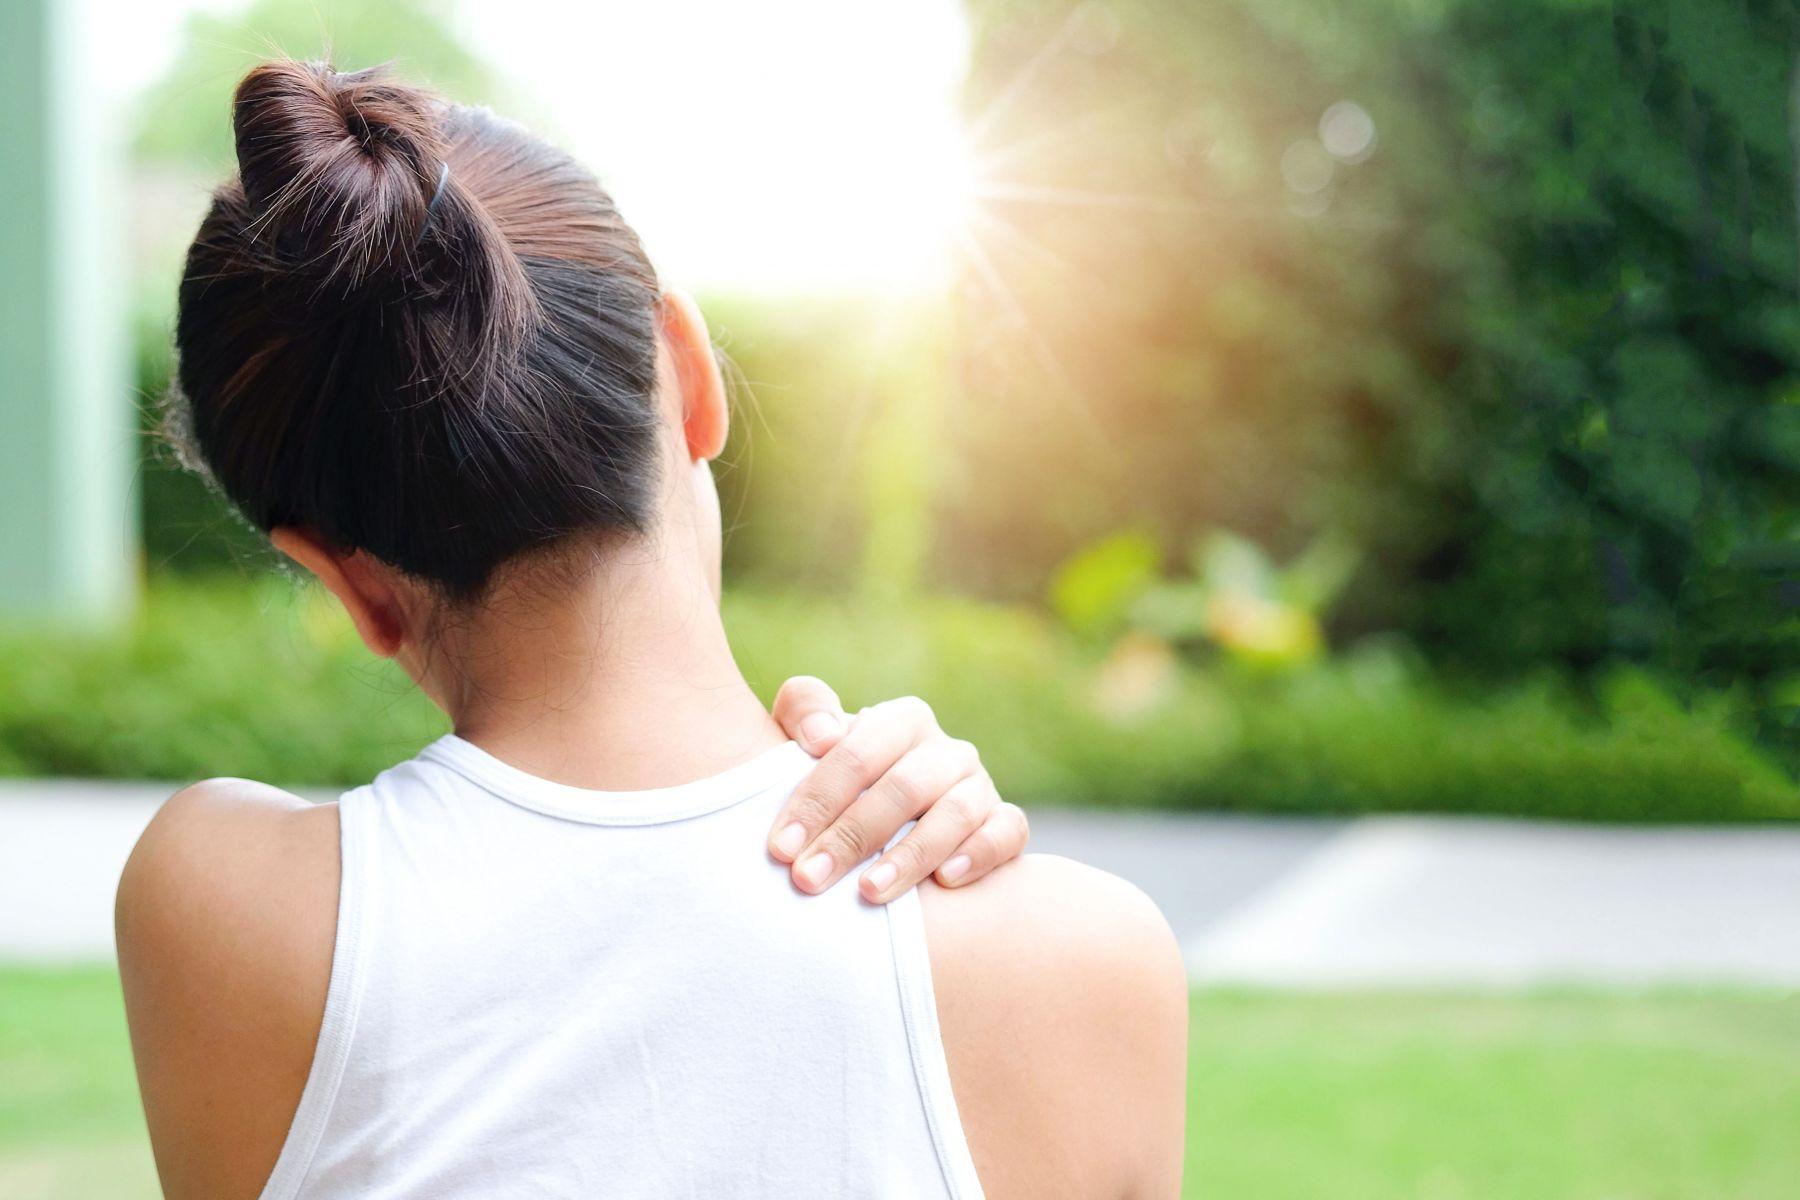 50多歲女性肩膀痛並非五十肩,而是帶狀皰疹?醫師:出現2症狀千萬要立即就醫